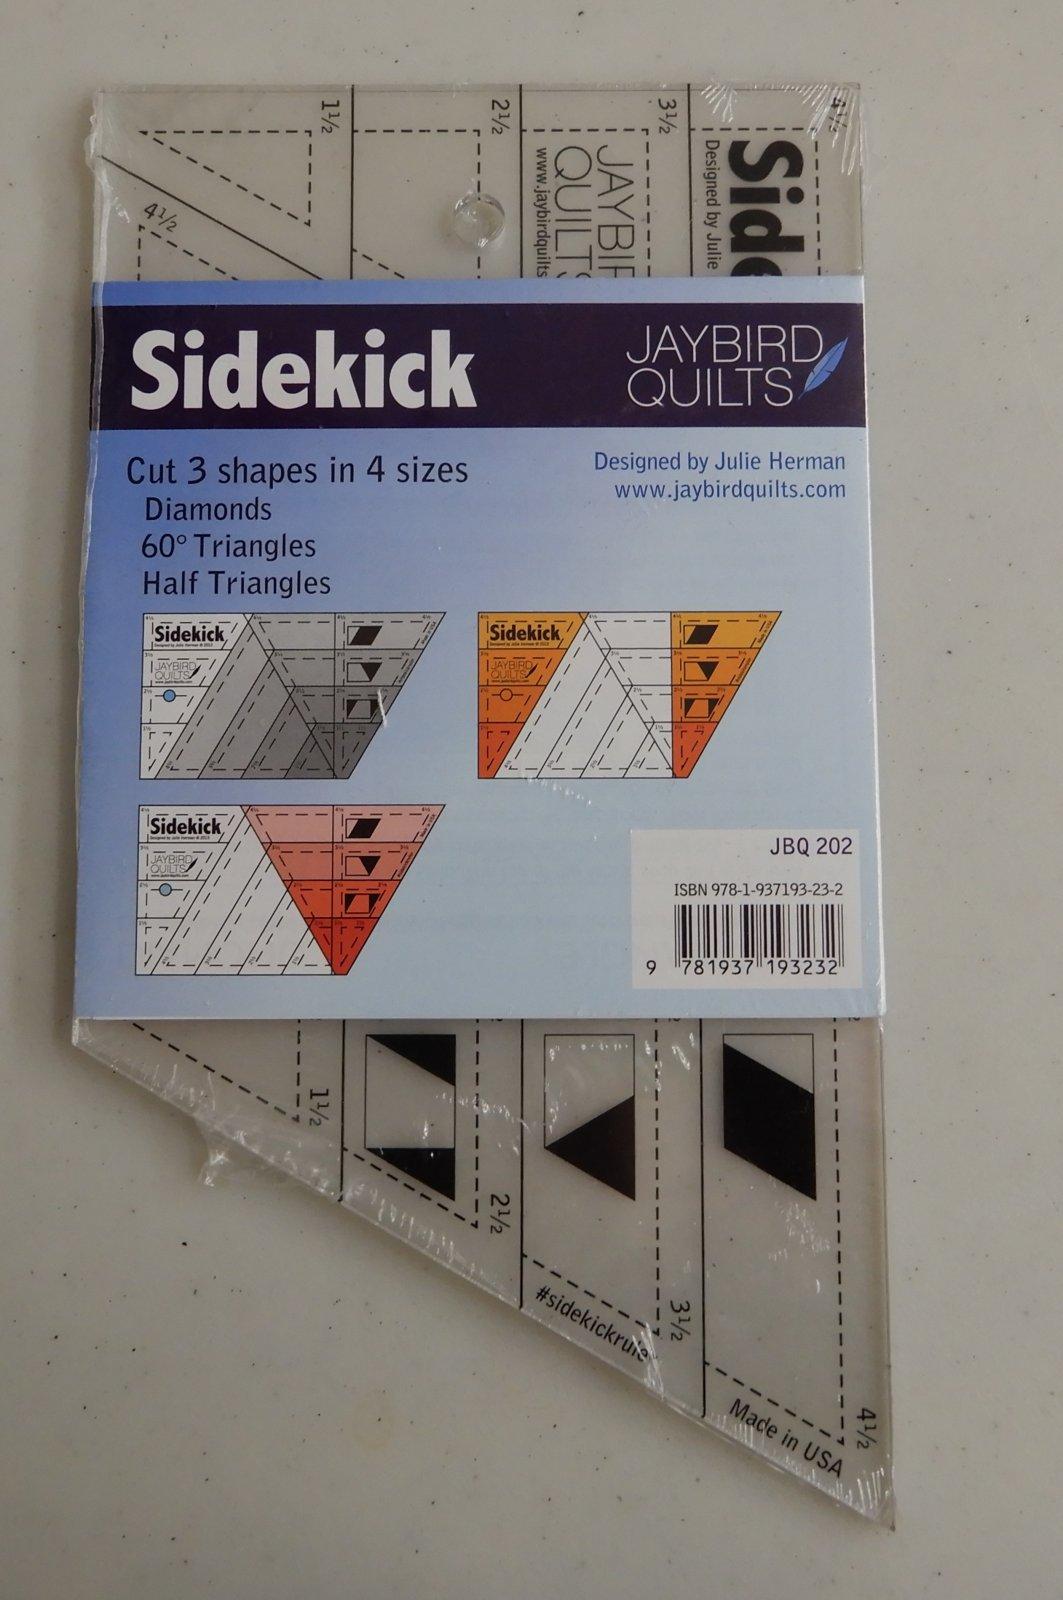 Sidekick Ruler from Jaybird Quilts